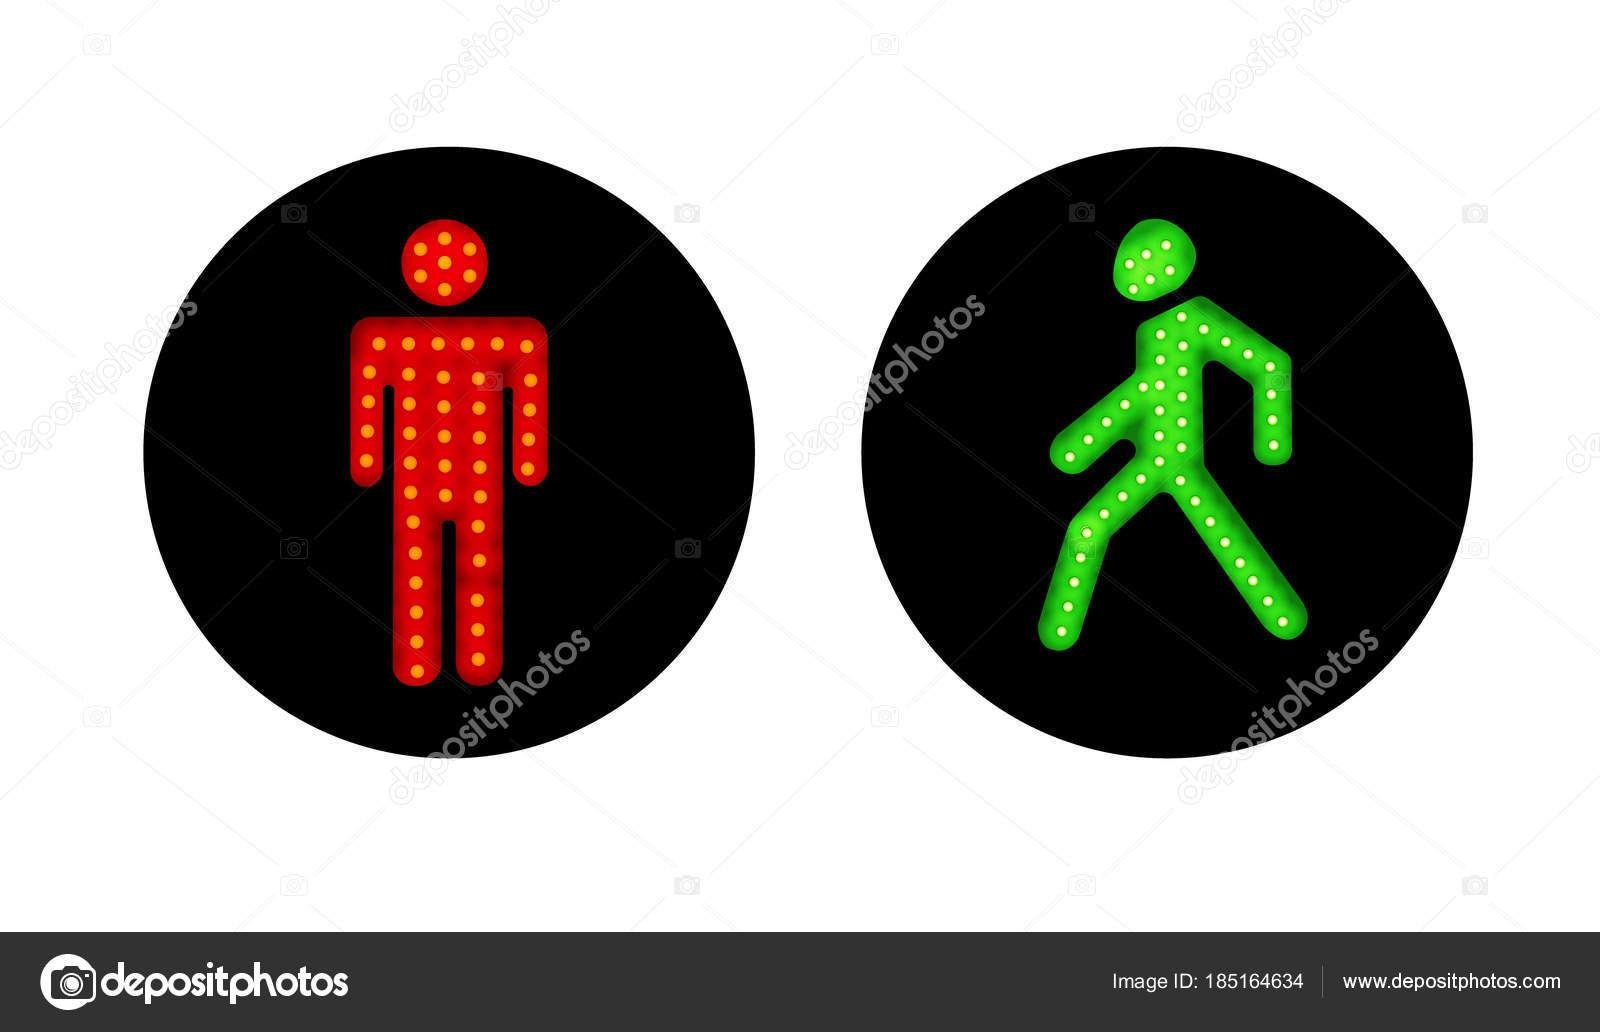 чудо картинка человечка для светофора что можно